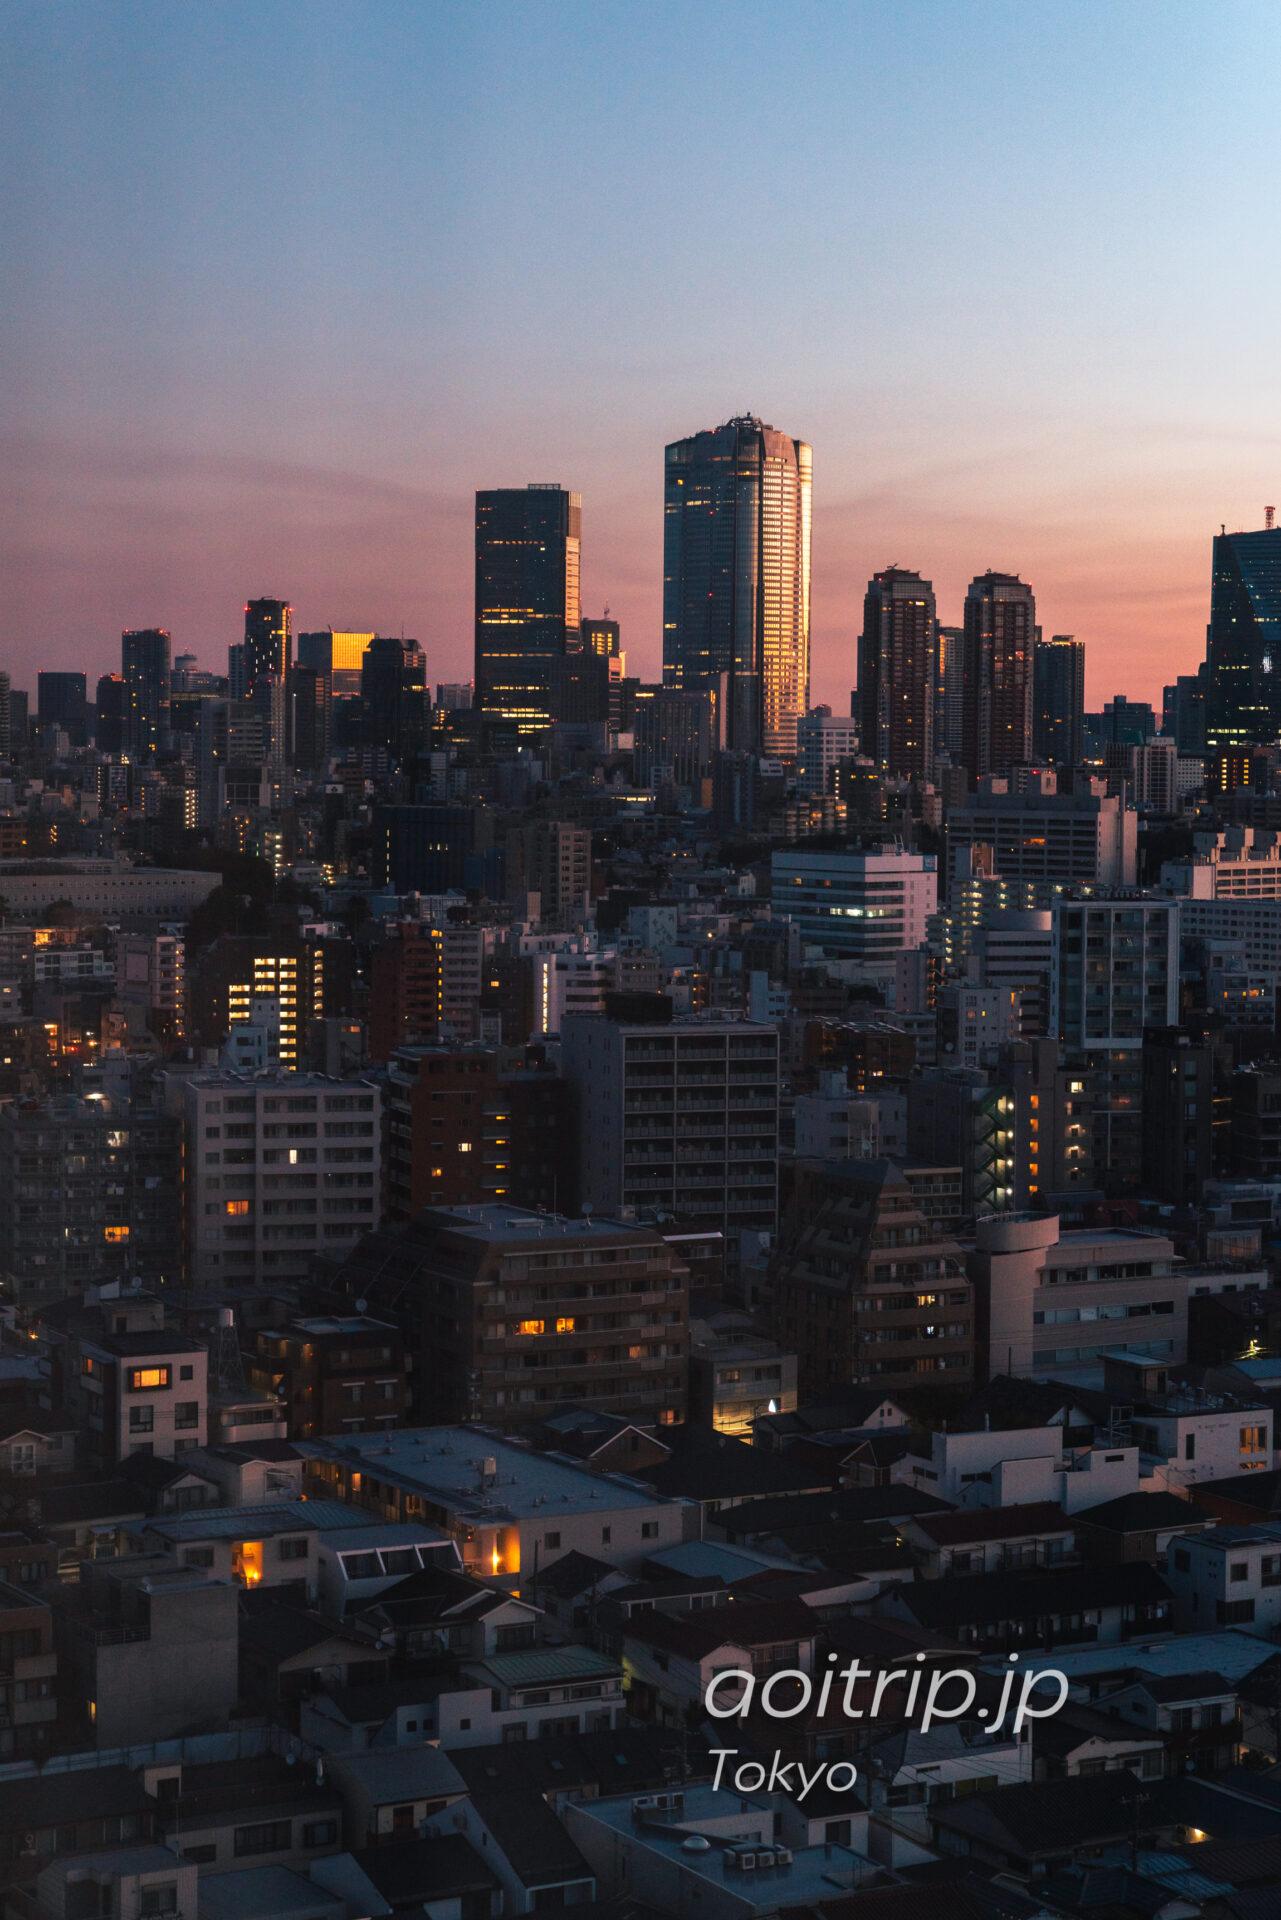 ウェスティン東京から六本木ヒルズ、東京ミッドタウン(ザ リッツカールトン東京)を望む